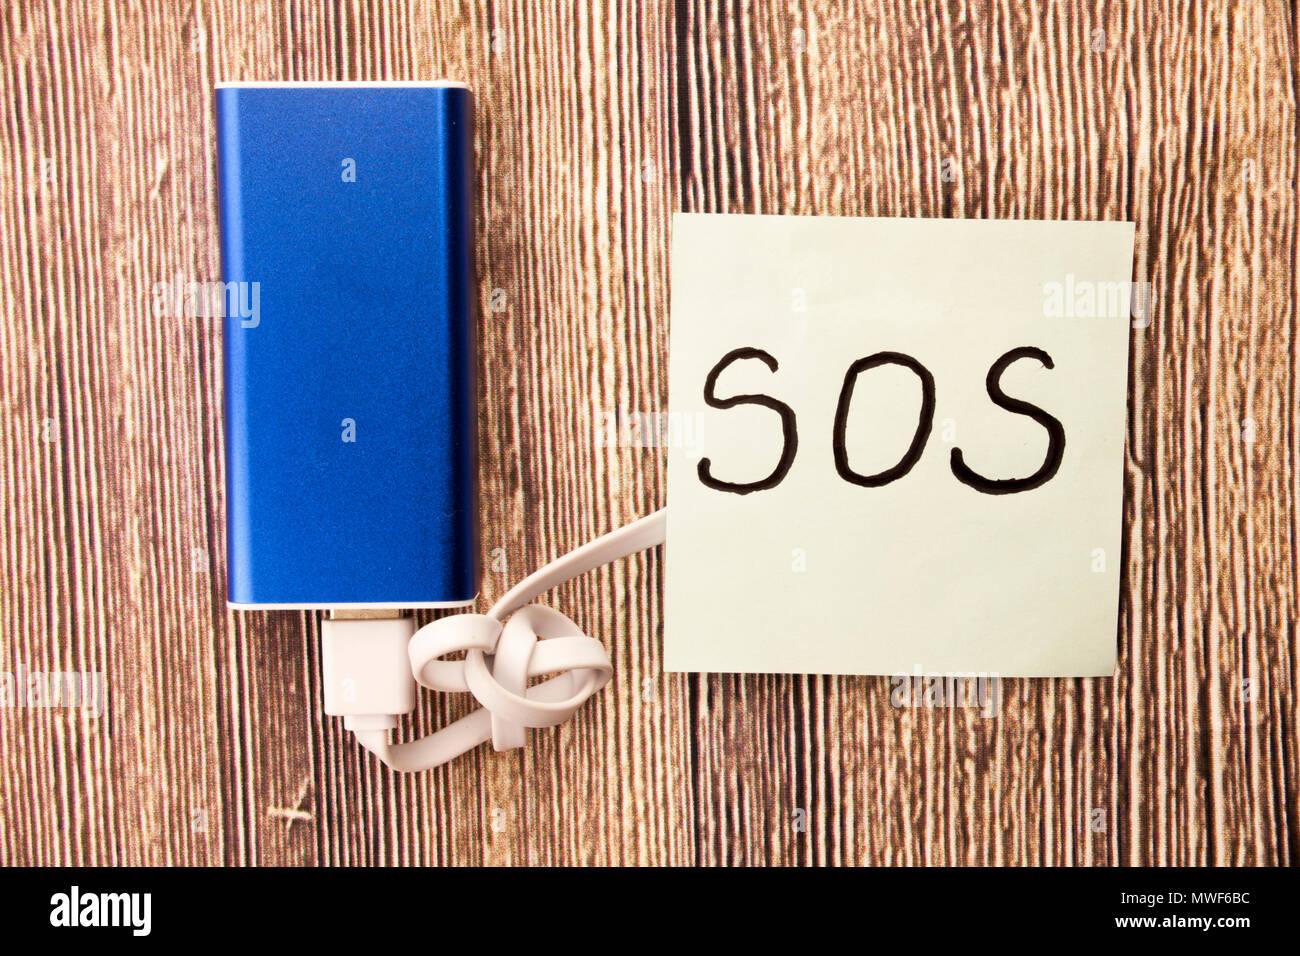 SOS mot manuscrit sur papier blanc au-dessus de l'écorce en bois rétro arrière-plan. Avec l'aide du concept de signe sur le livre blanc. Sauver nos âmes signe manuscrites sur le livre blanc. Photo Stock